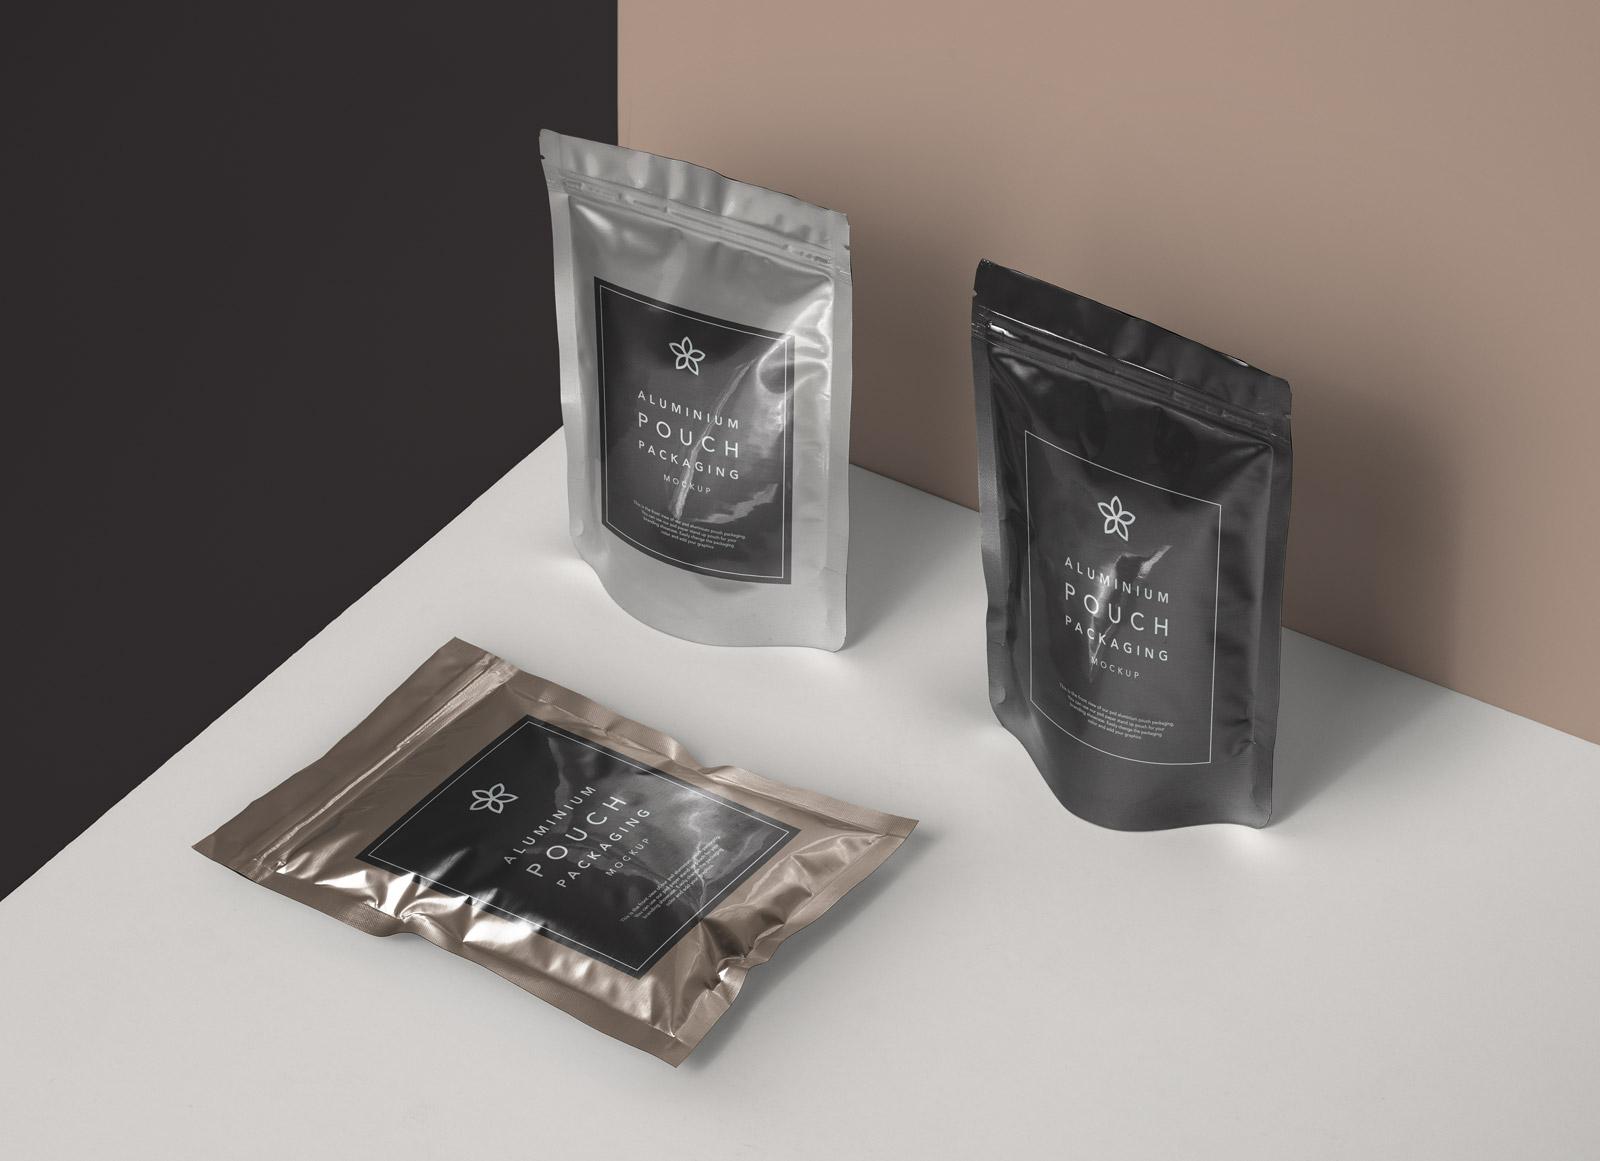 Free-Aluminium-Foil-Packaging-Mockup-PSD